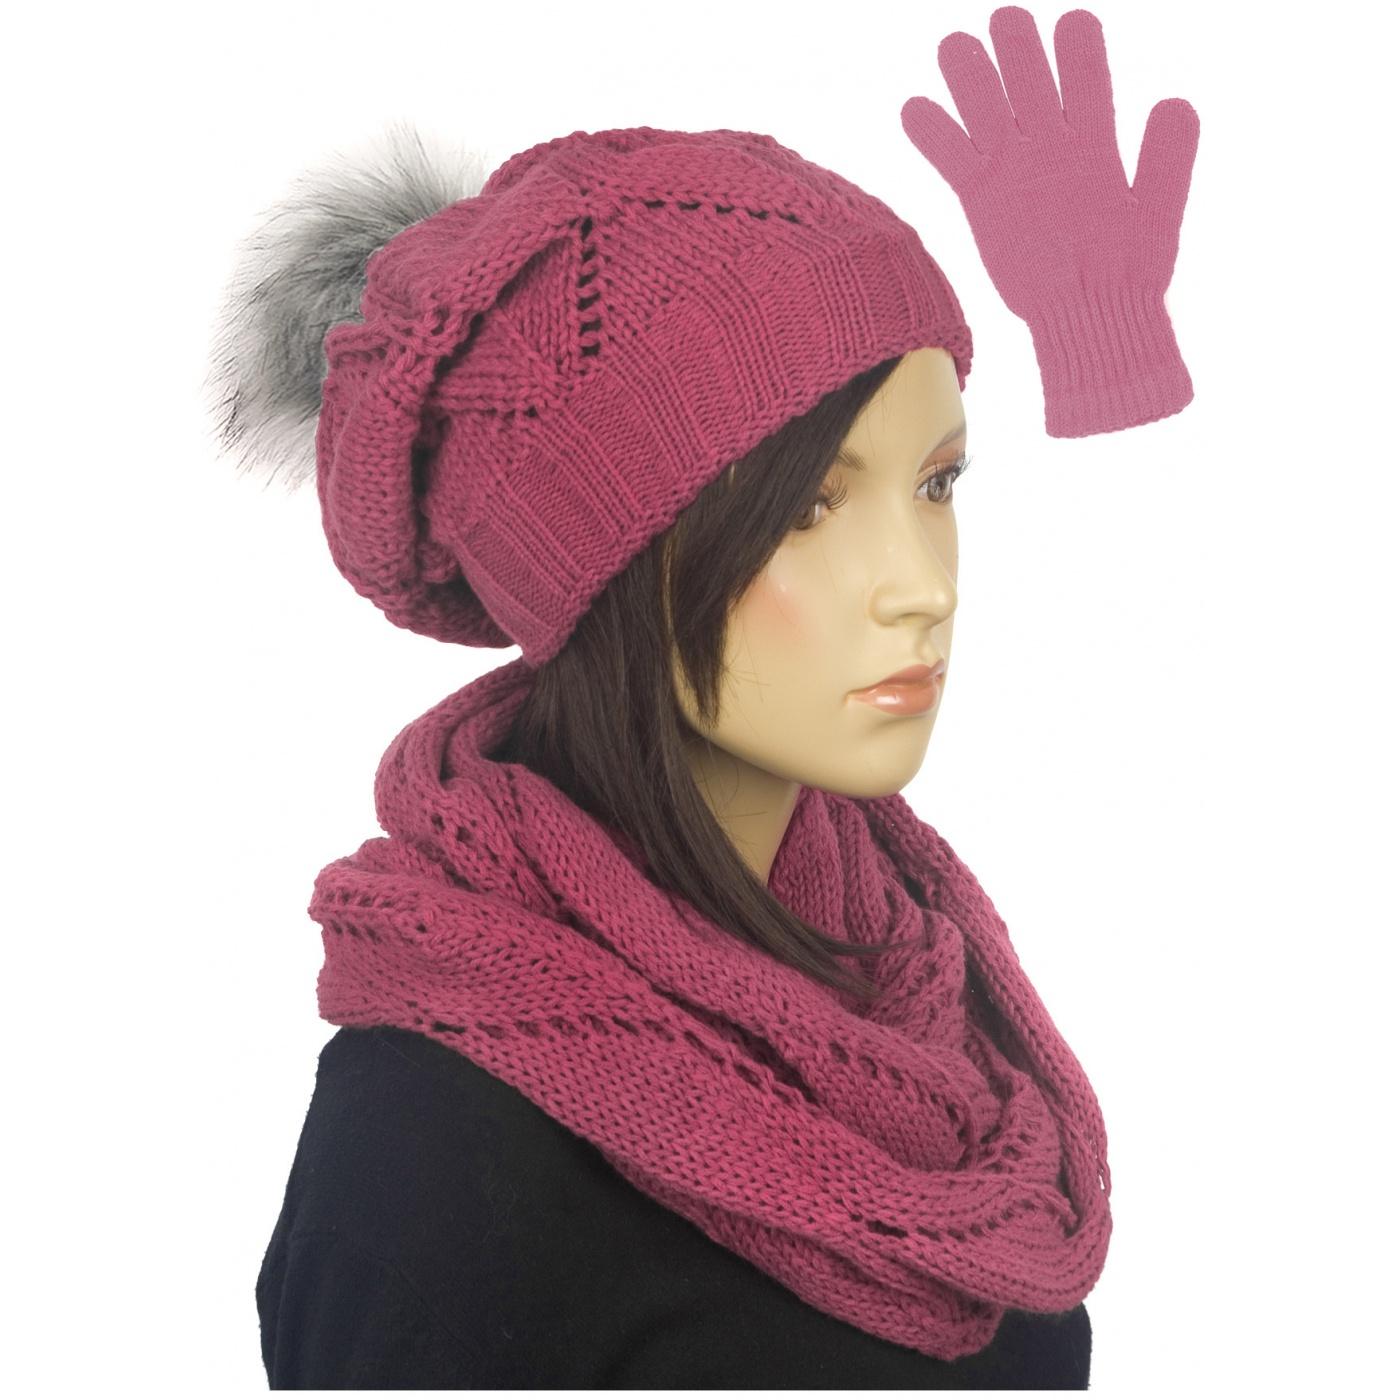 Ażurowy komplet czapka z pomponem, komin, rękawiczki - pastelowy różowy